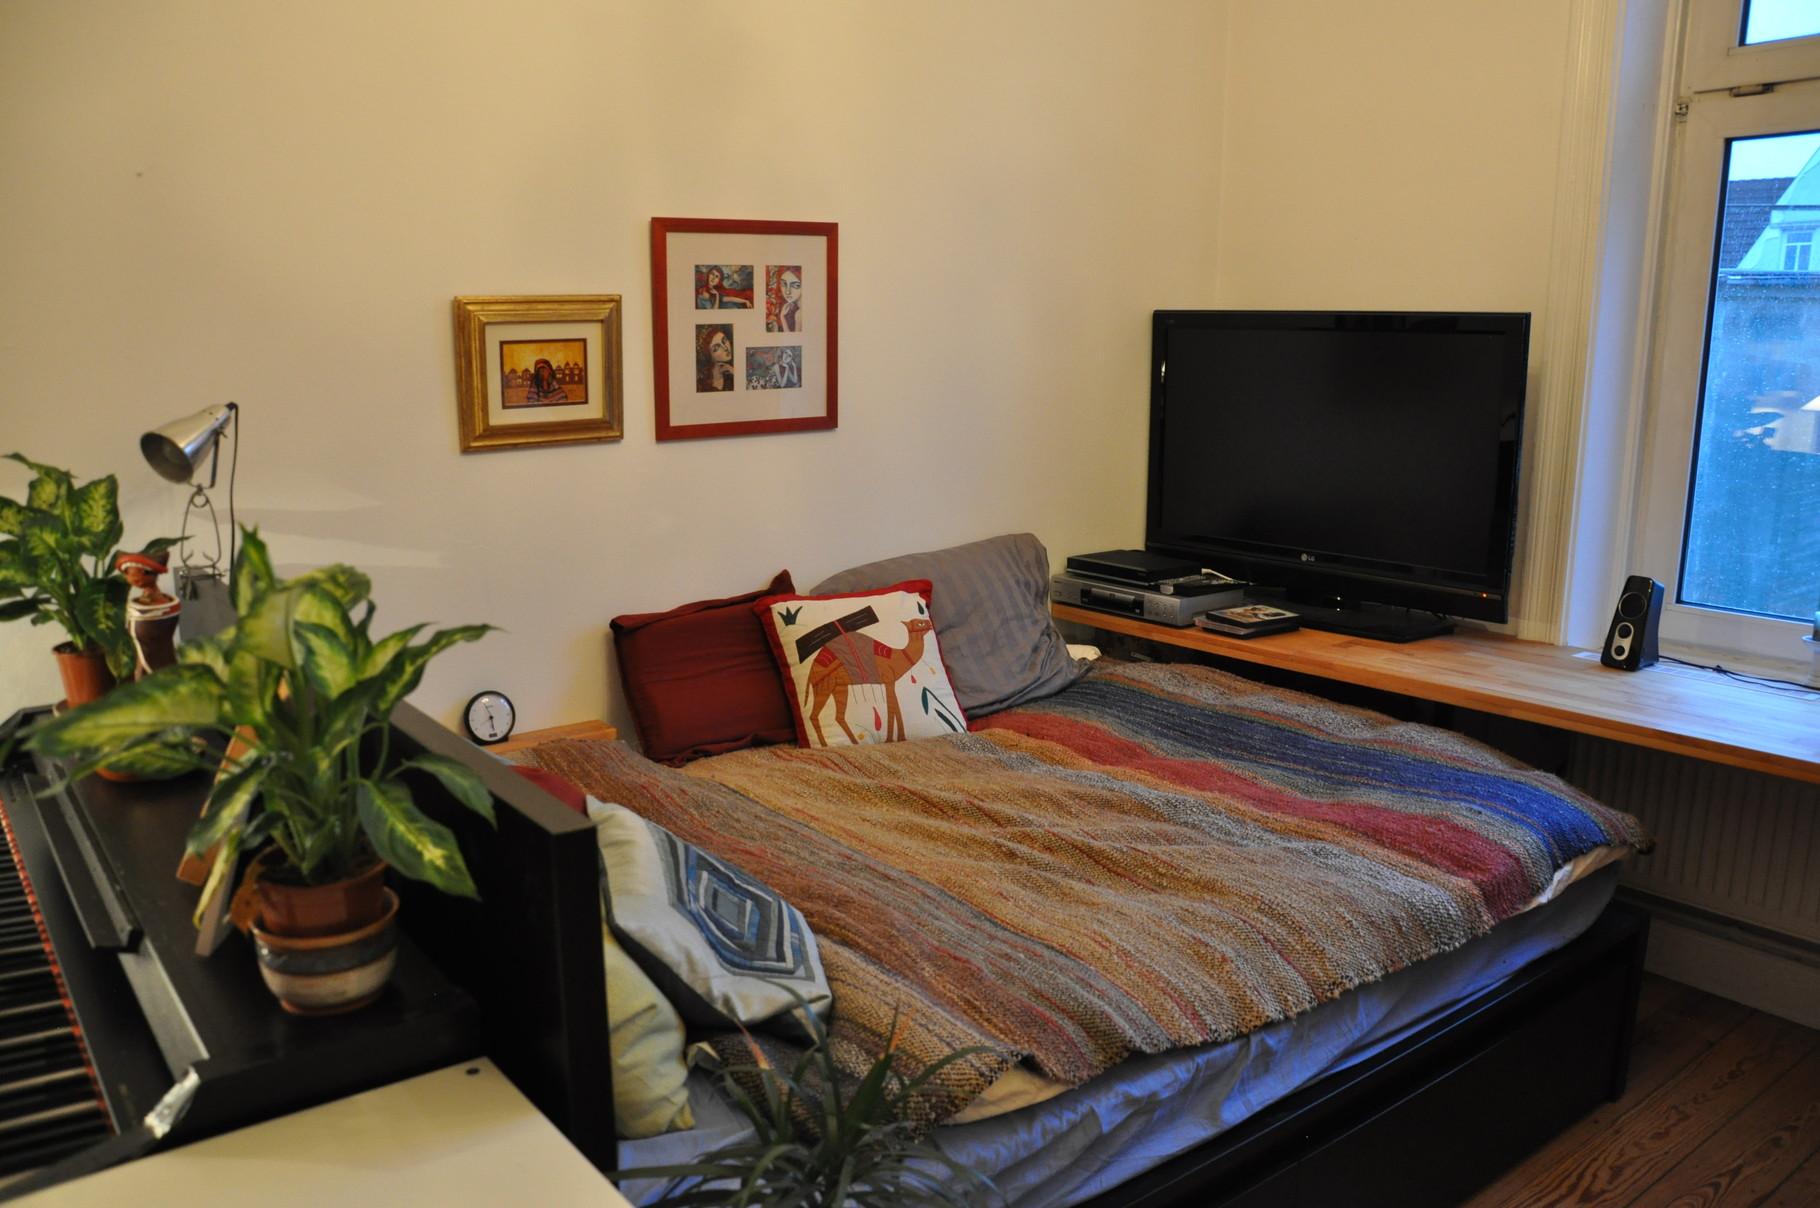 WG-ZIMMER HH | Malm-Bett von Ikea dient als Raumtrennung